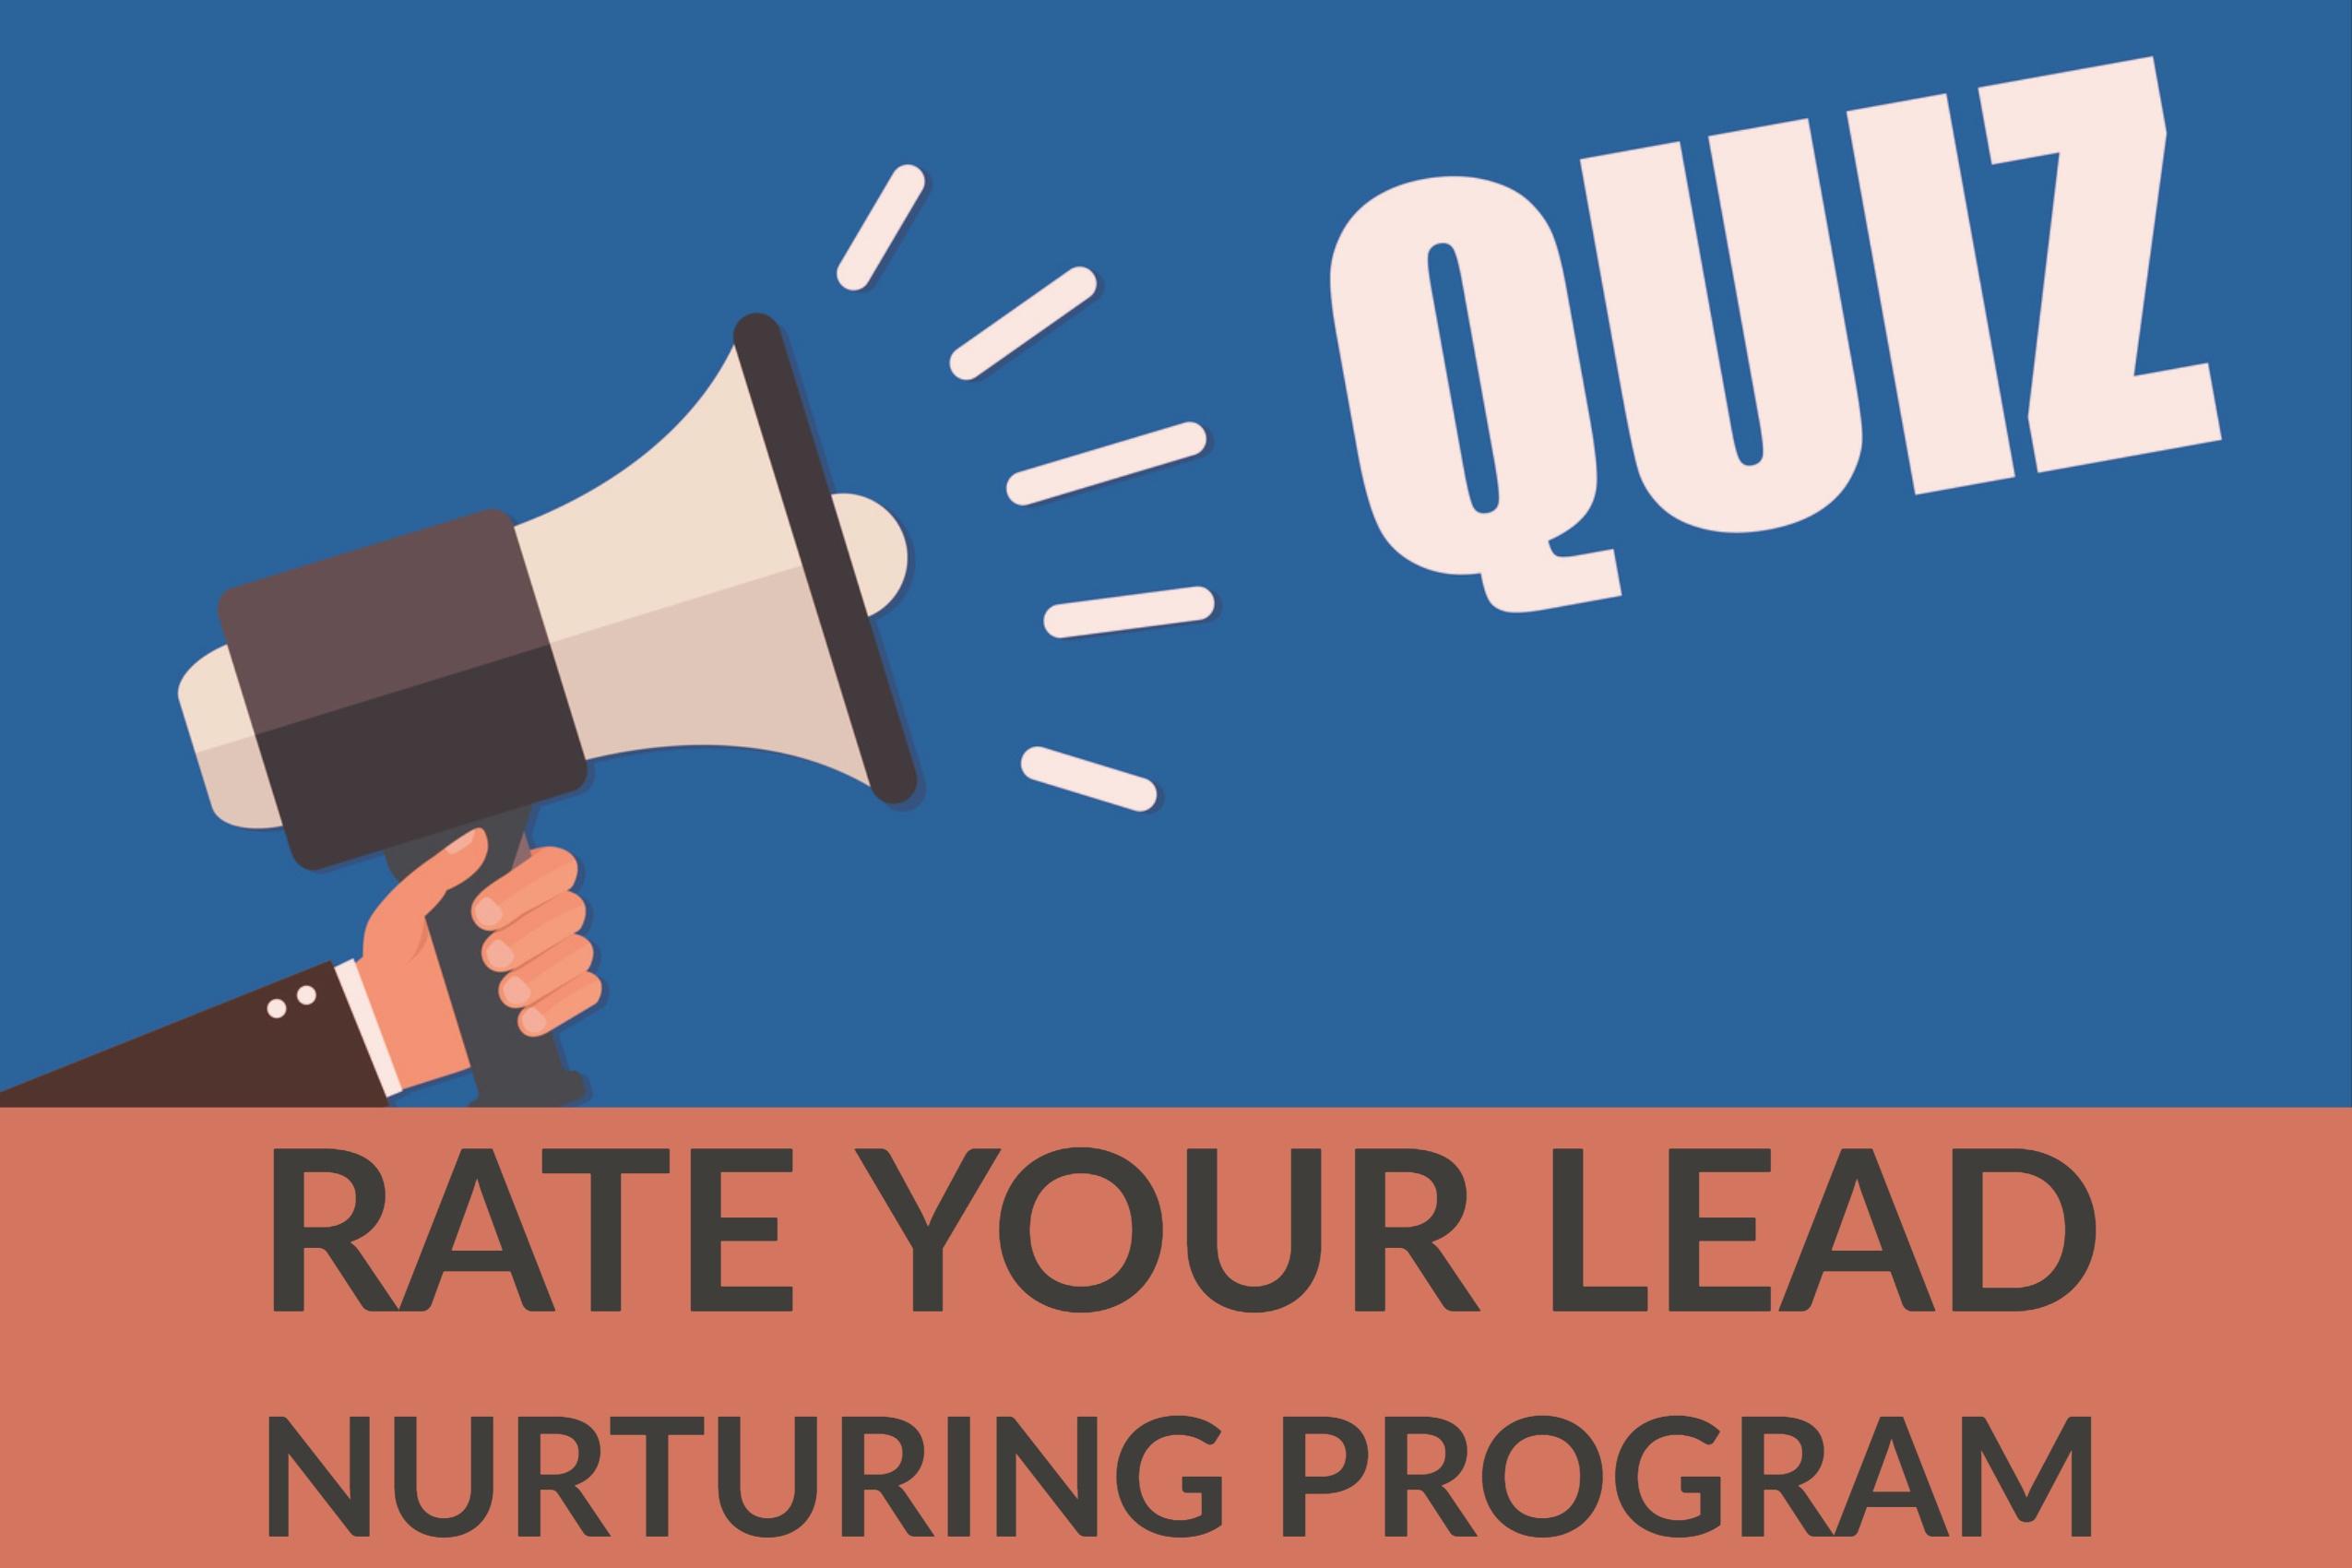 Rate Your Lead Nurturing Program (quiz)